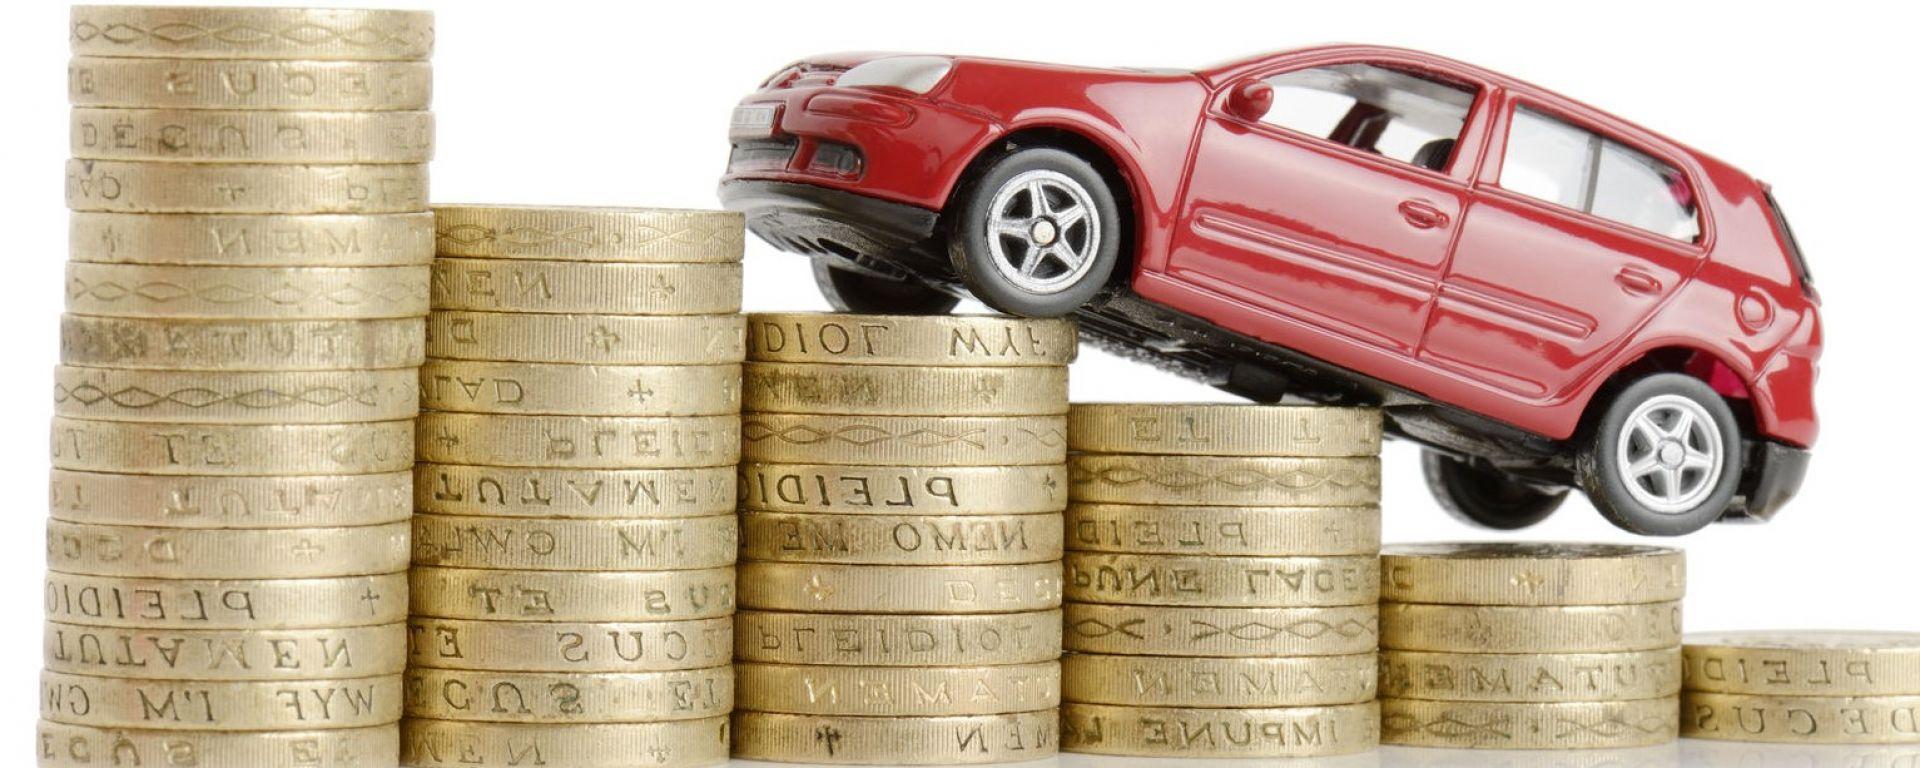 Auto nuove, i prezzi aumenteranno. Colpa dei futuri standard emissioni